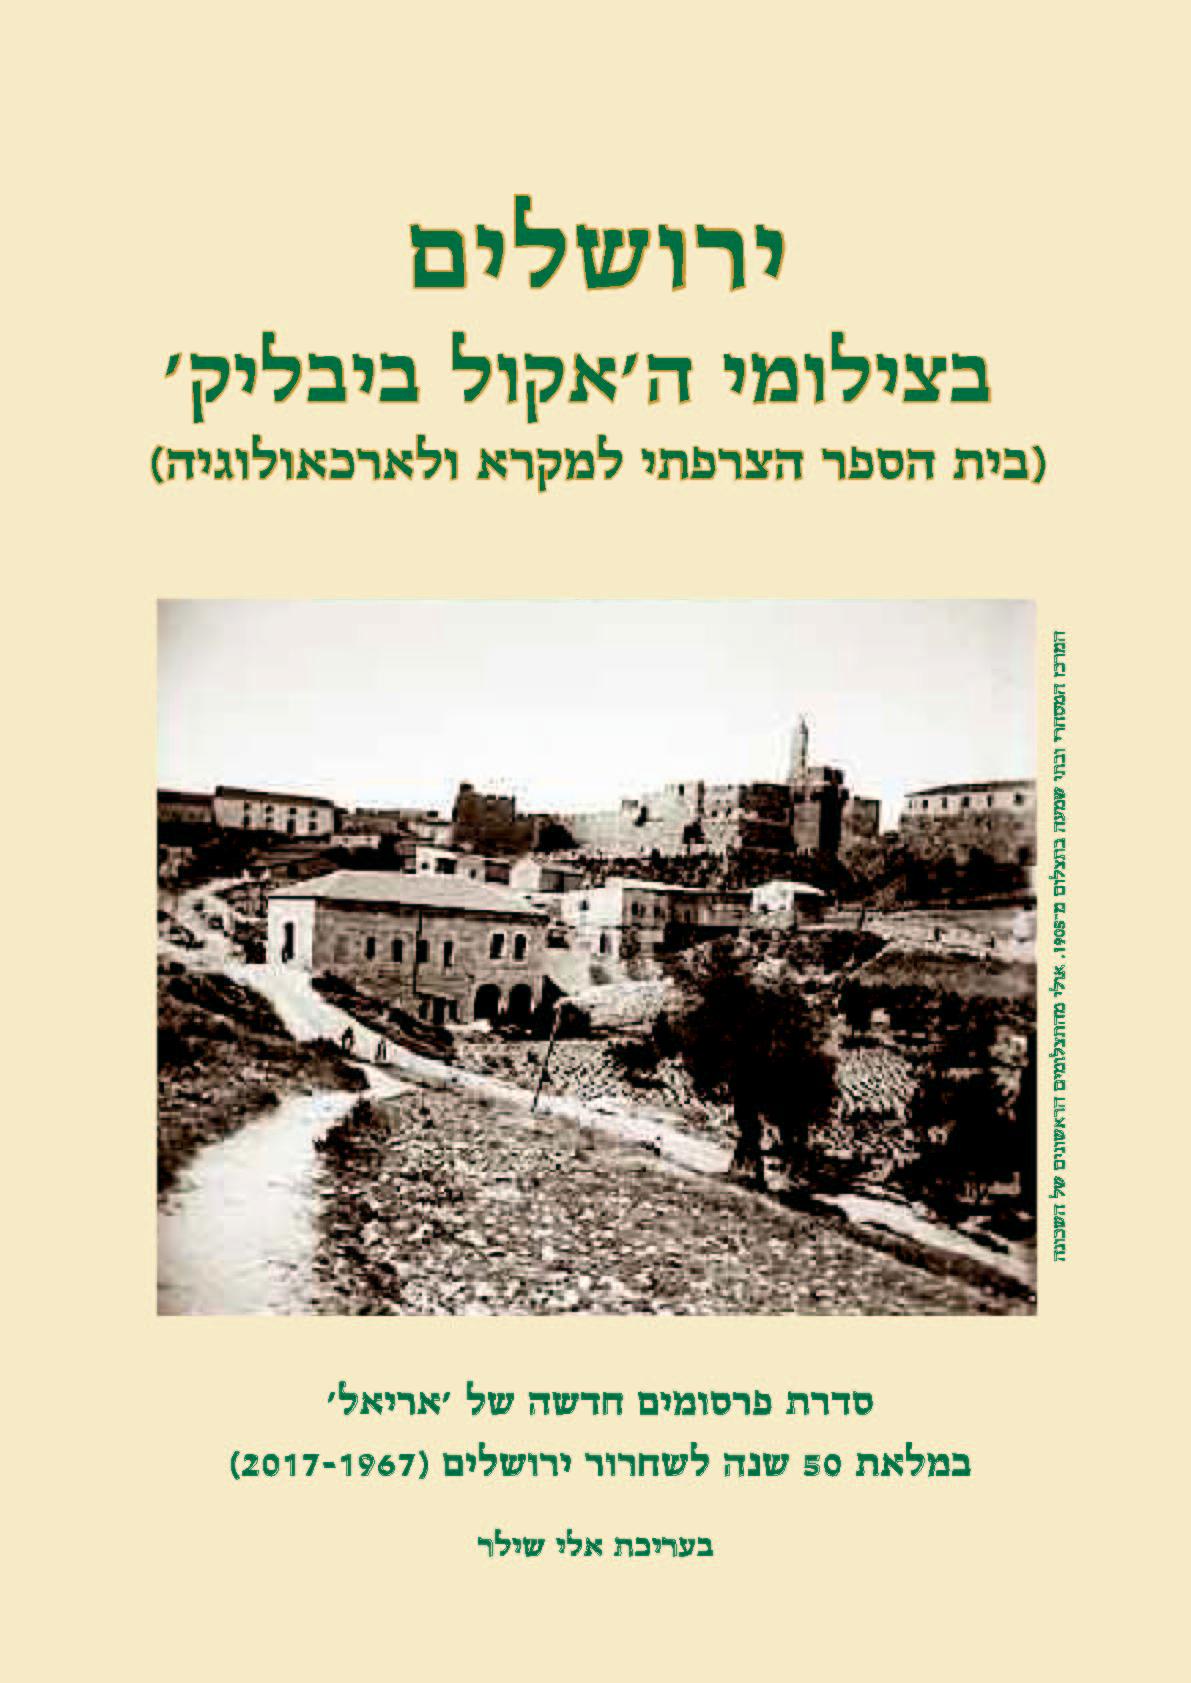 ירושלים בצילומי ה'אקול ביבליק'